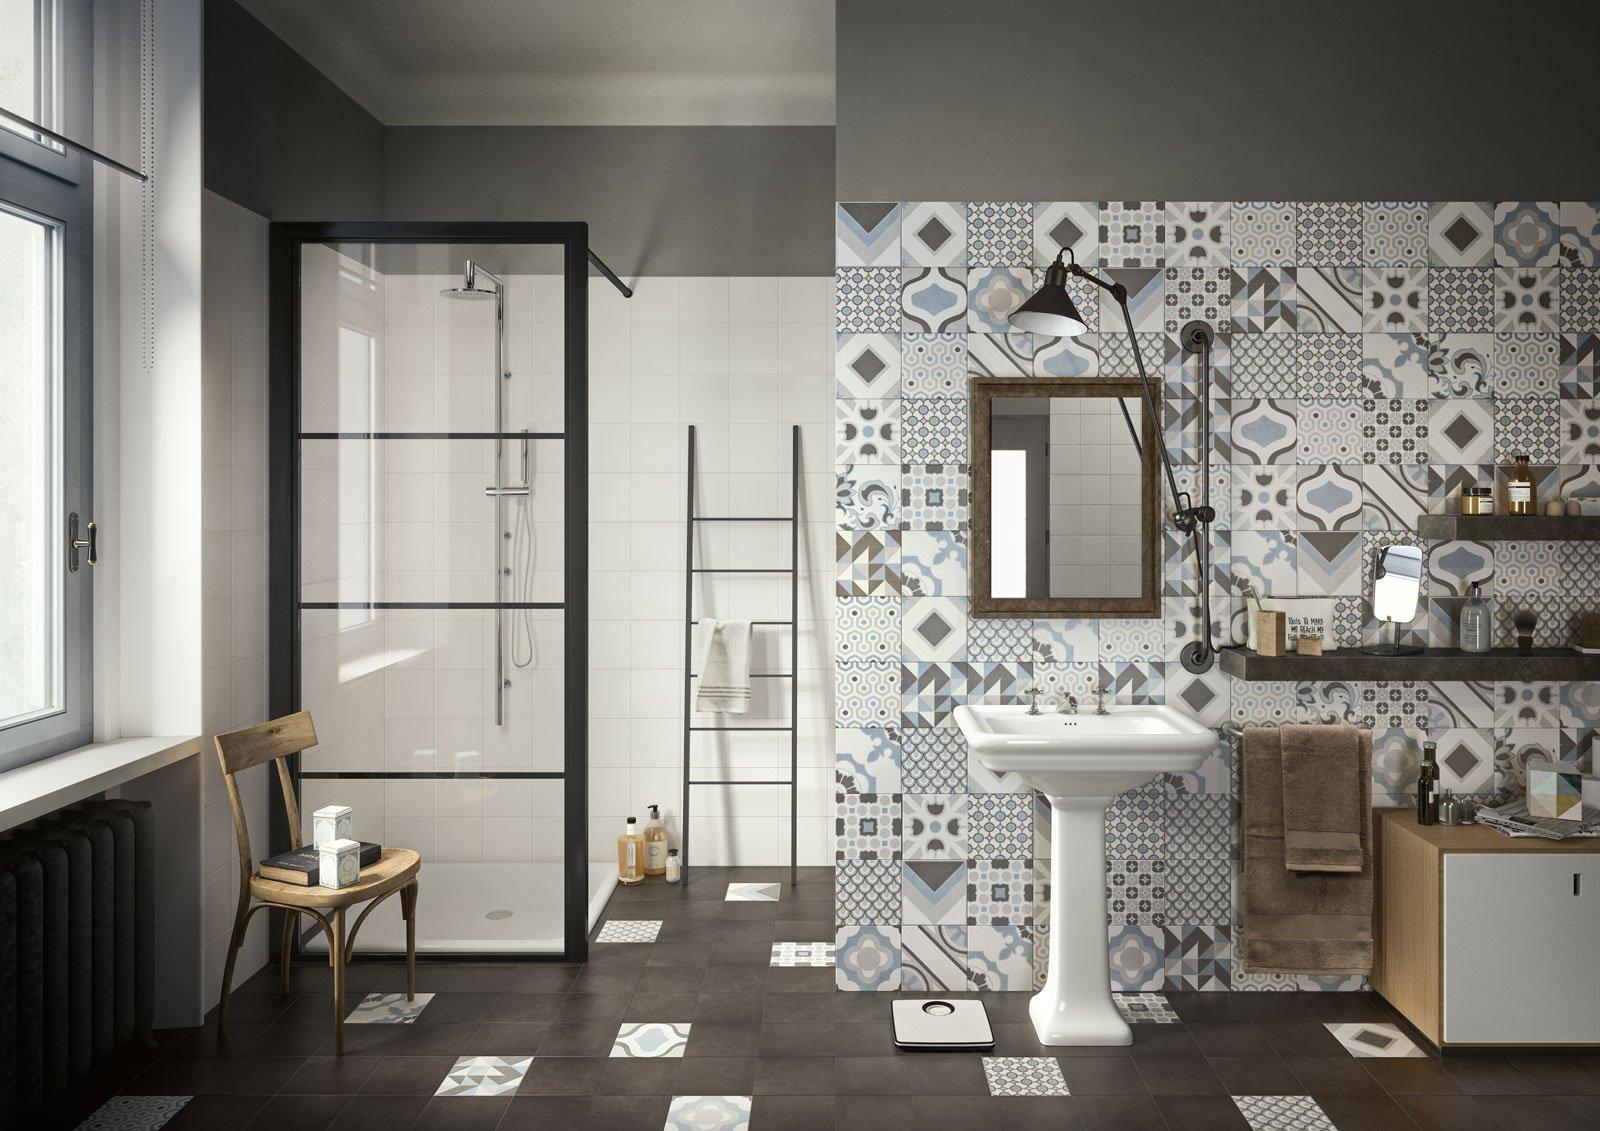 Piastrelle effetto cementine in versione attuale cose - Piastrelle esagonali bagno ...